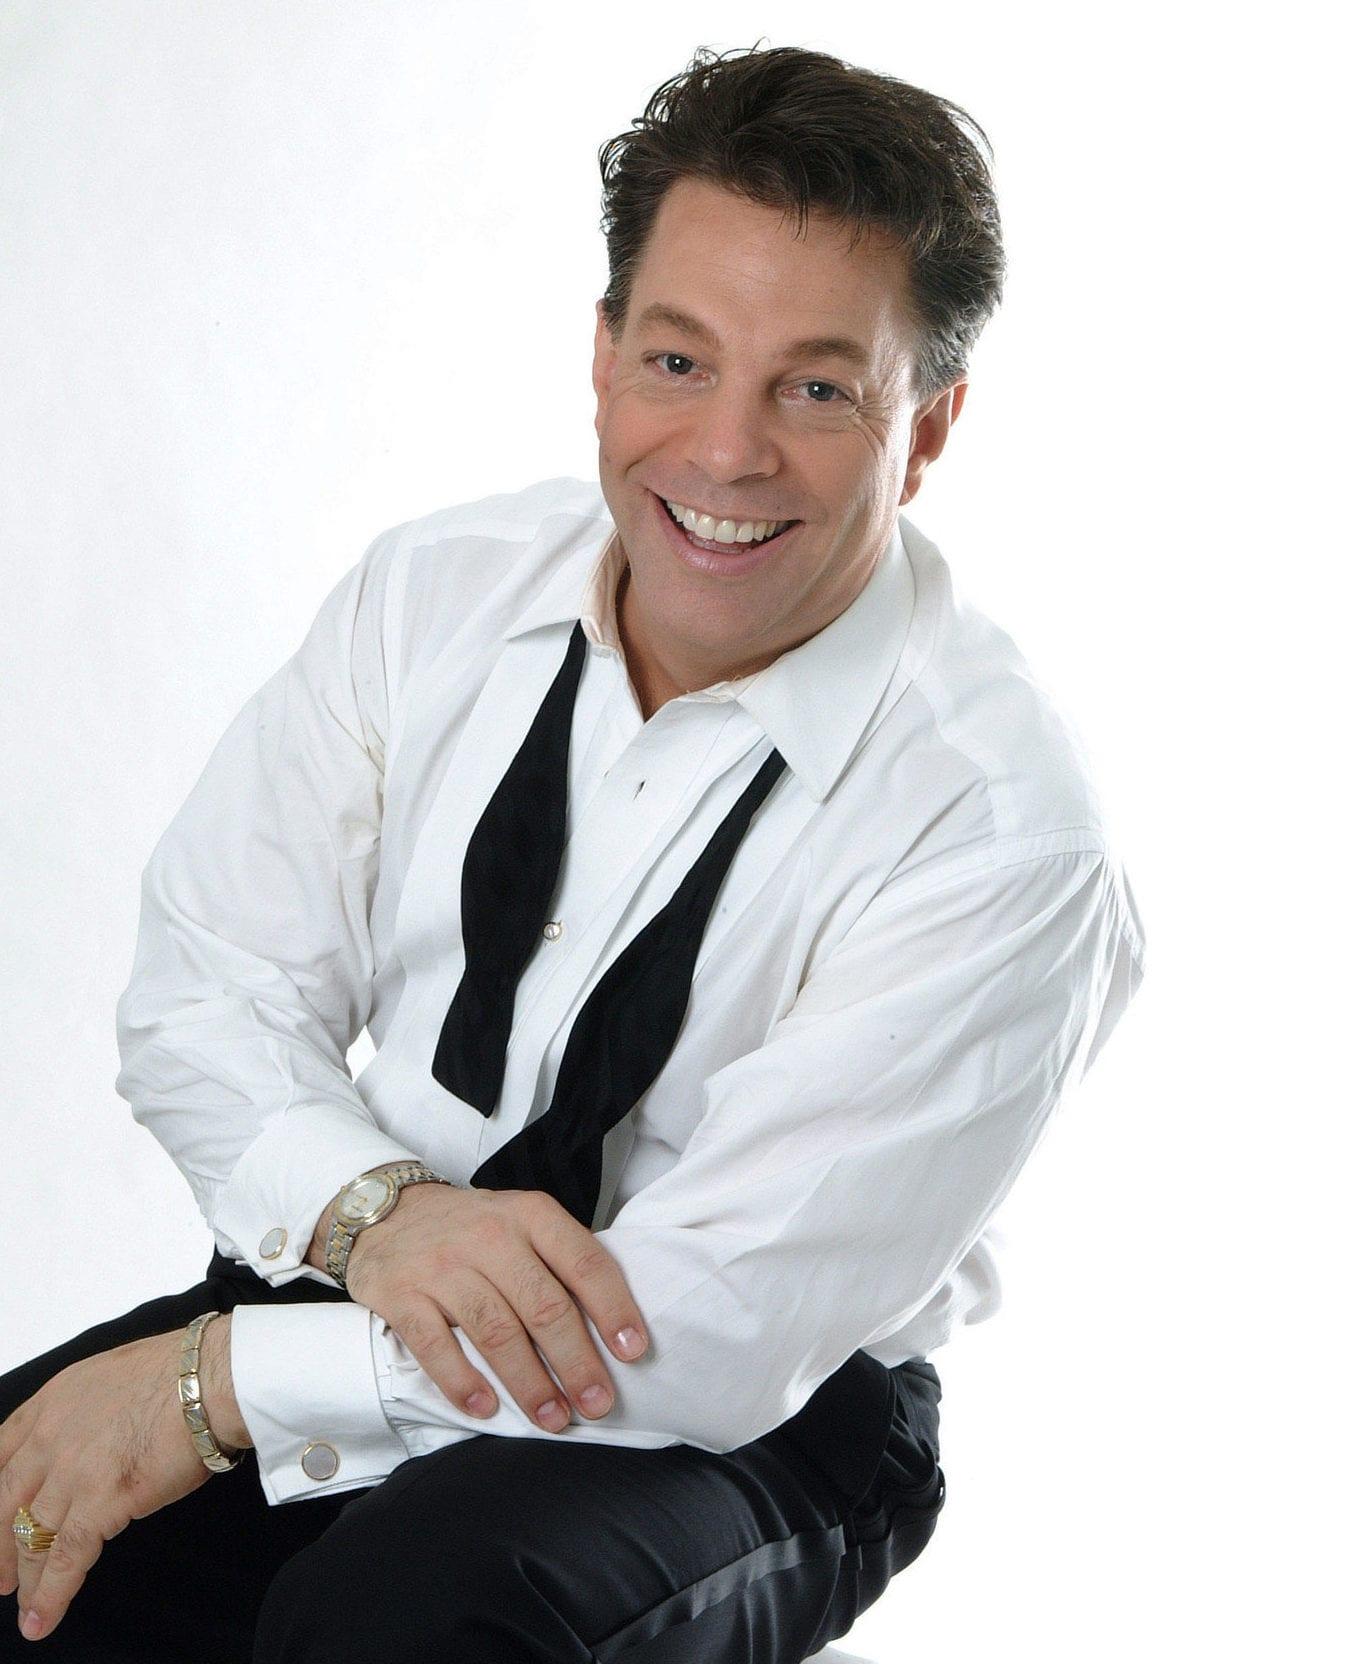 A man posing in a tuxedo.